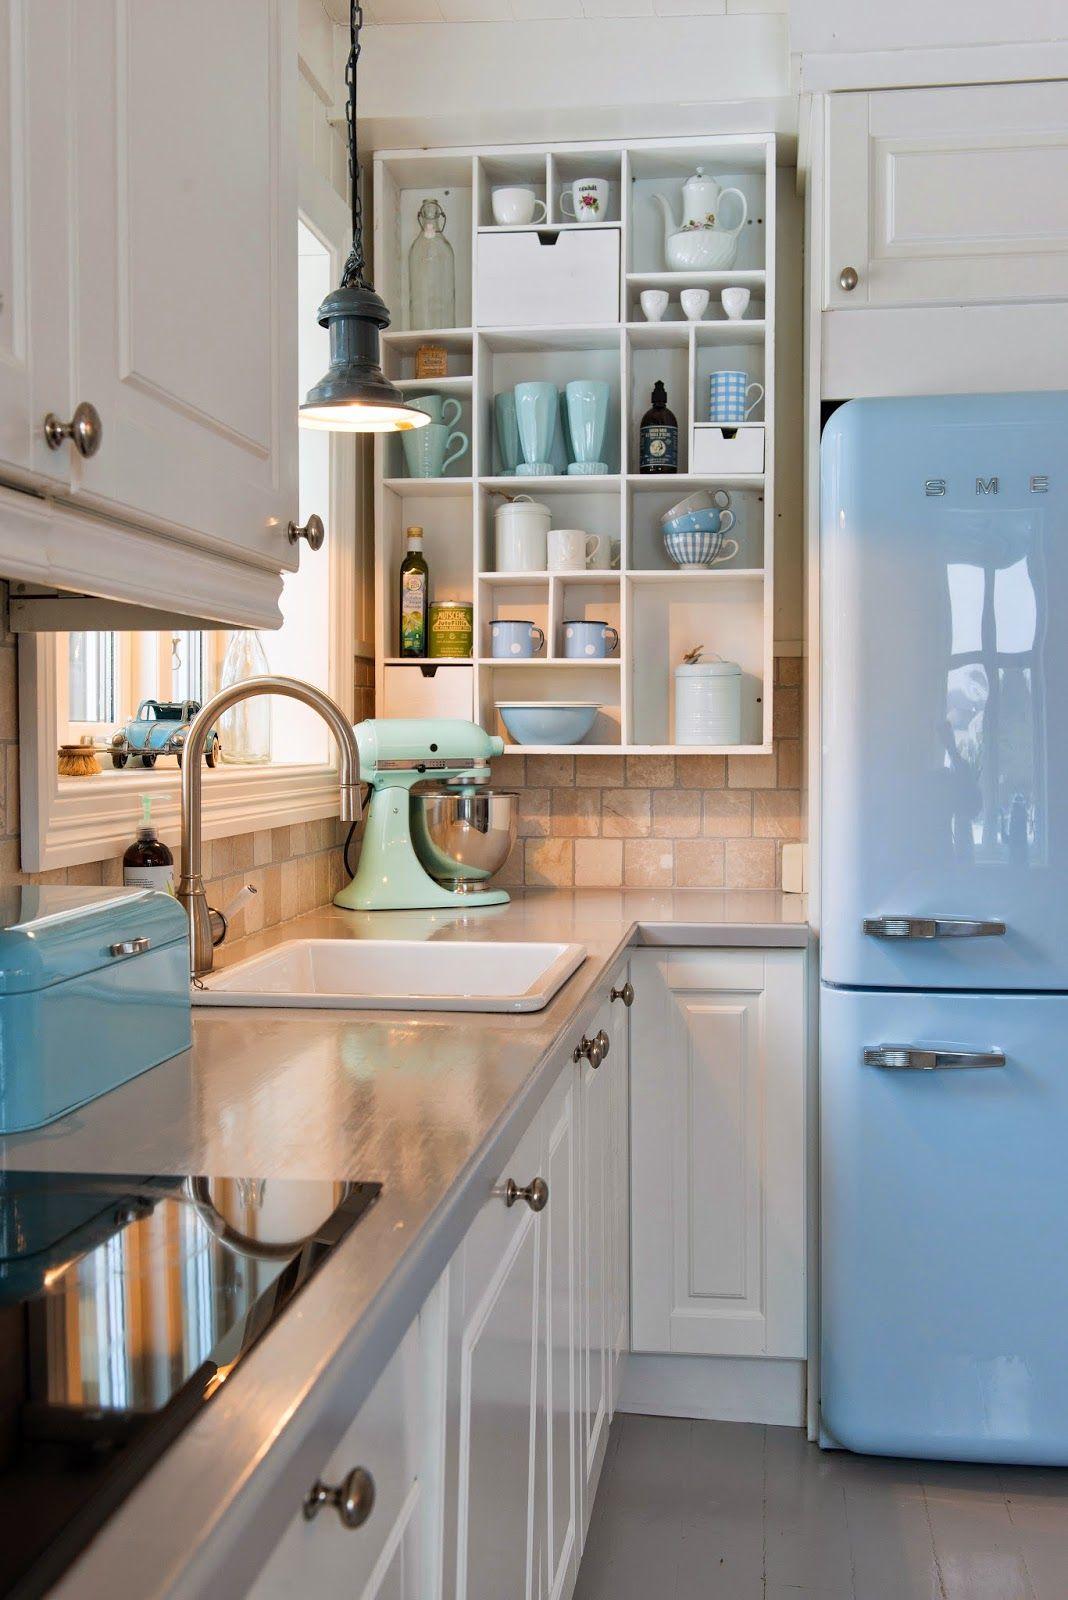 Klikk.no -Kjøkken :-) | Ceramic sink, Retro appliances and Kitchens